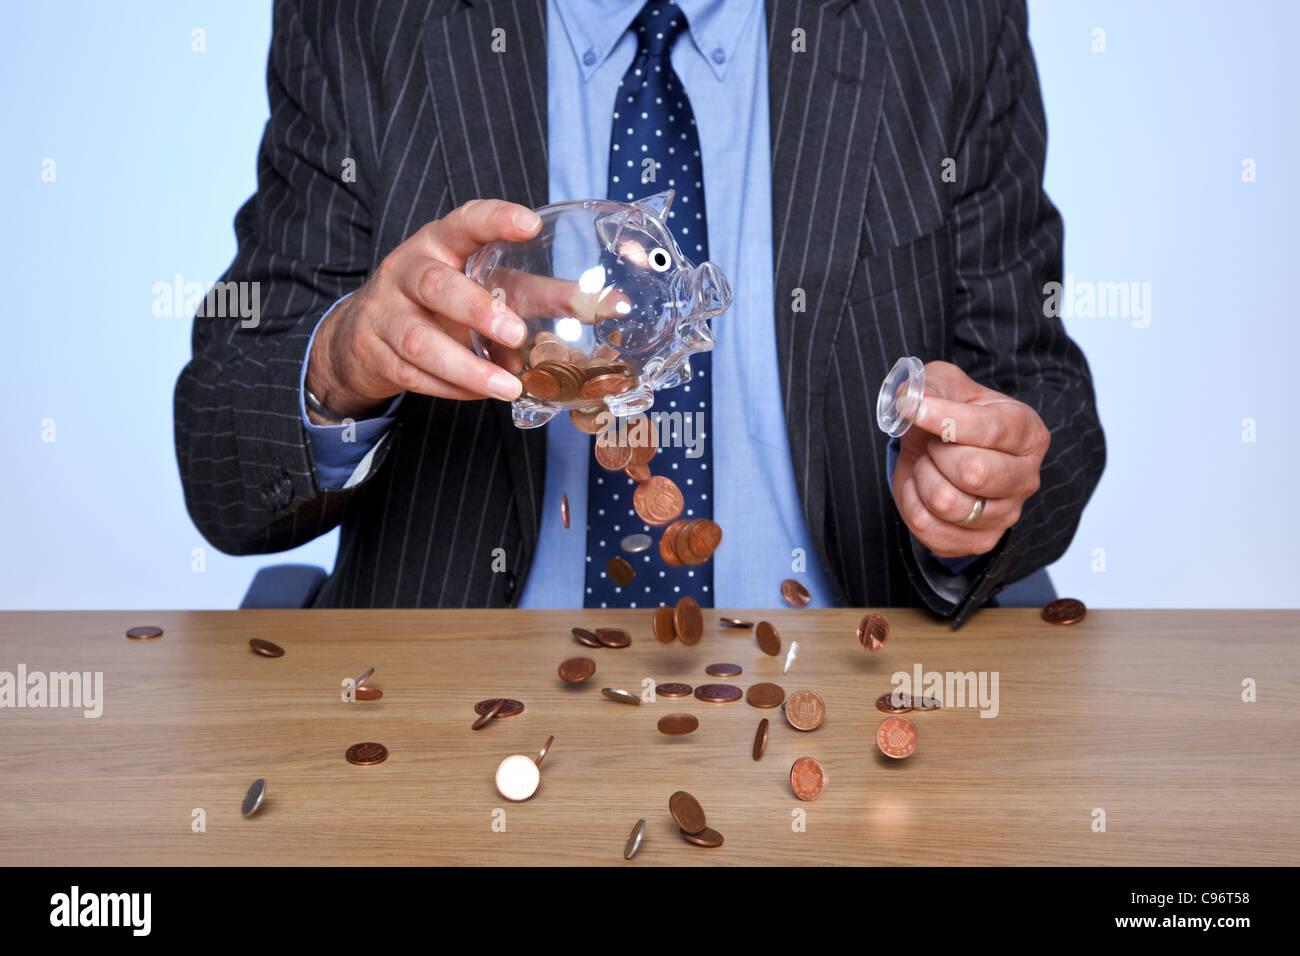 Foto eines Bankiers saß an seinem Schreibtisch Entleerung Münzen aus seinem Sparschwein. Stockbild